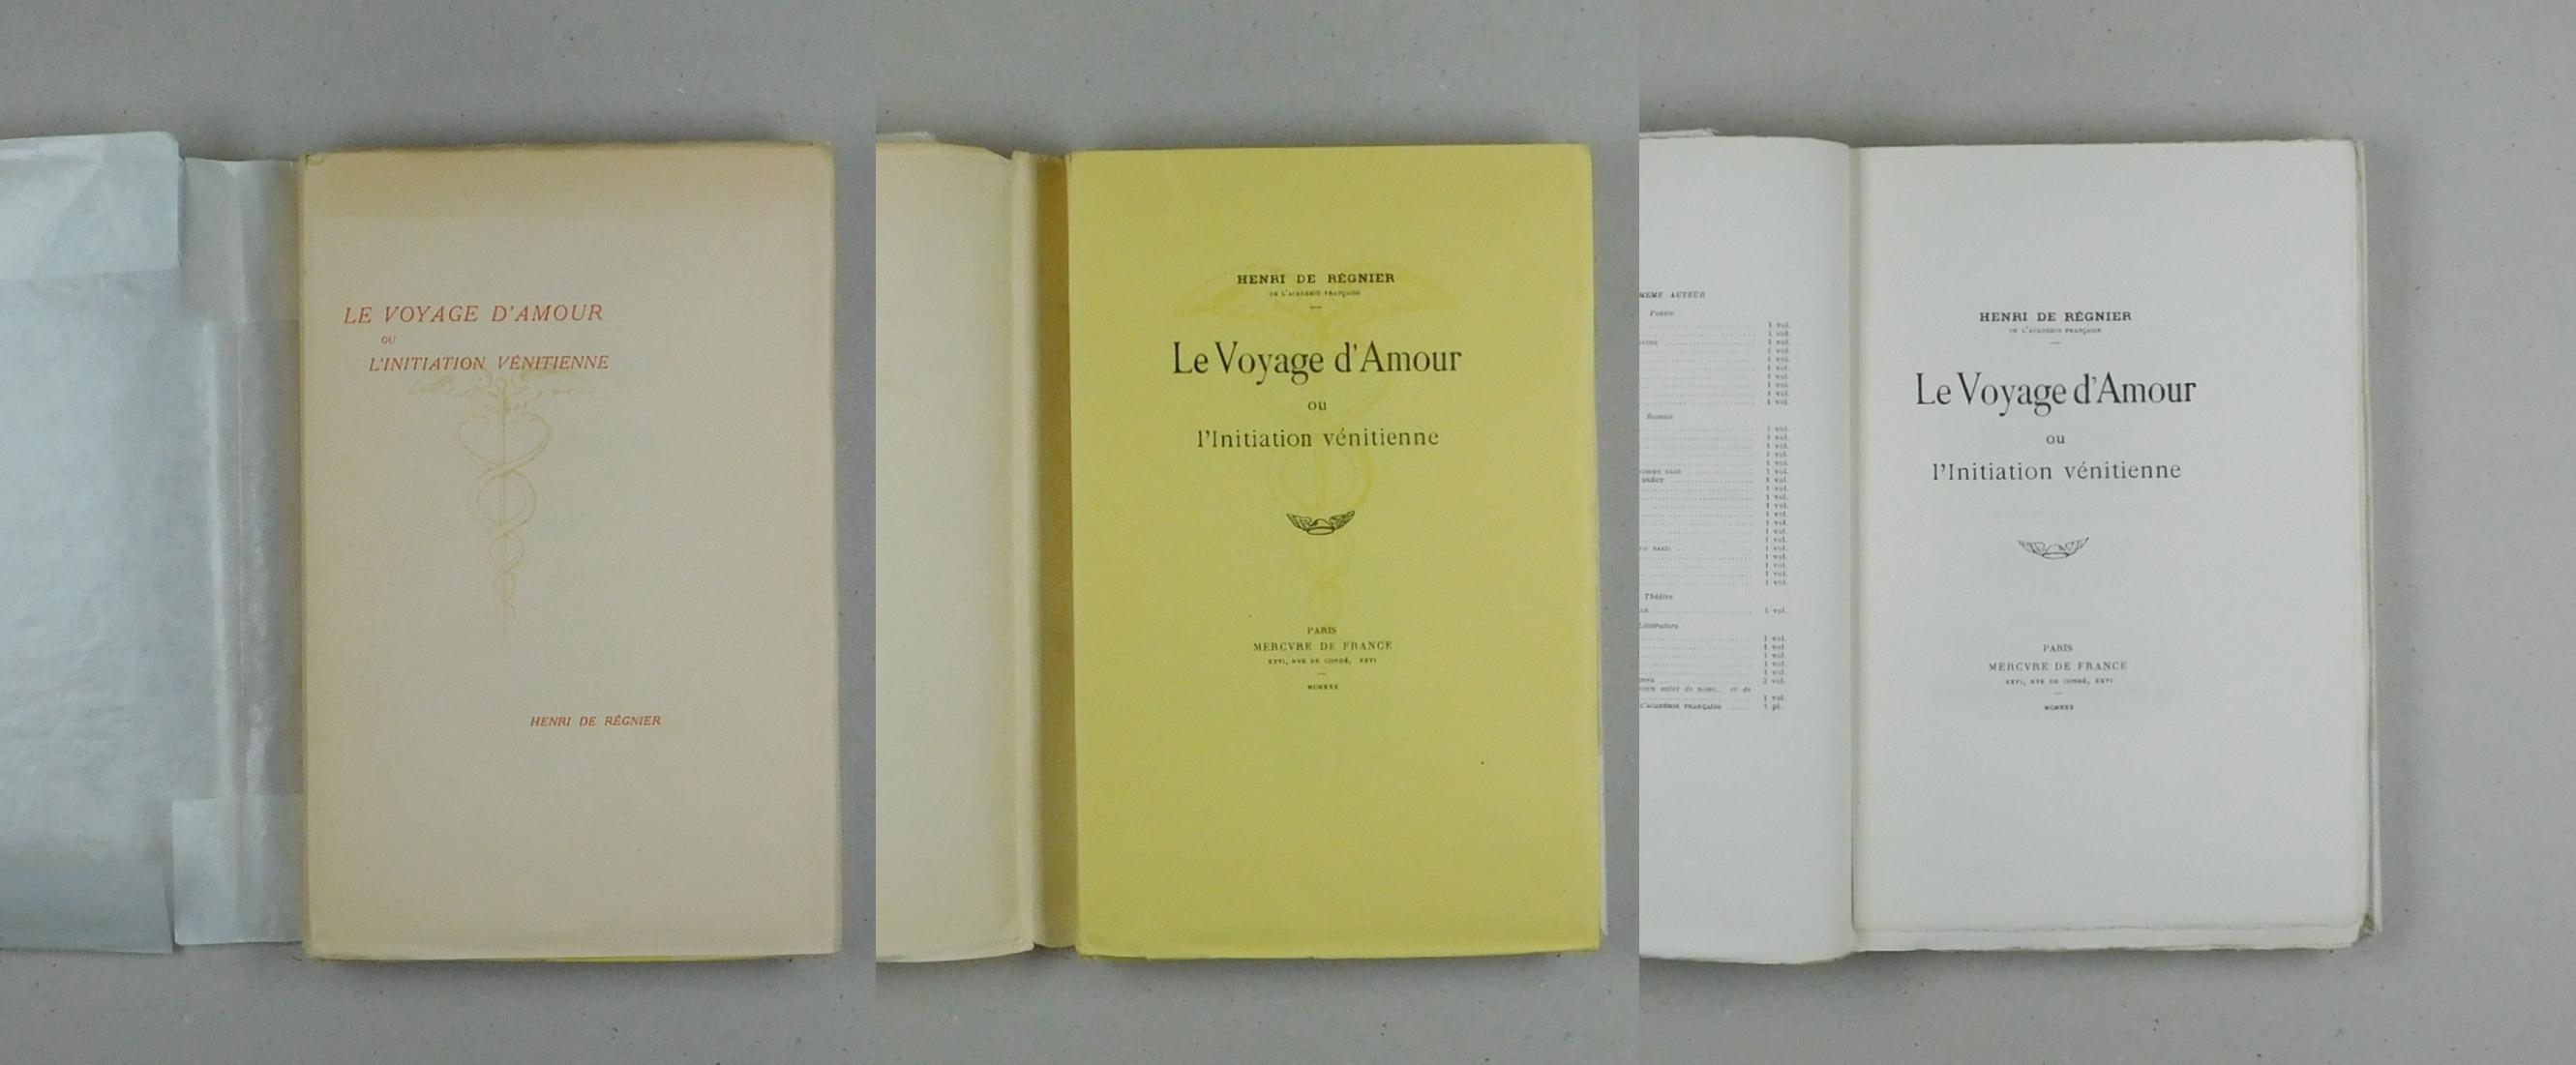 LE VOYAGE D'AMOUR OU L'INITIATION VENITIENNE - Henri de Régnier